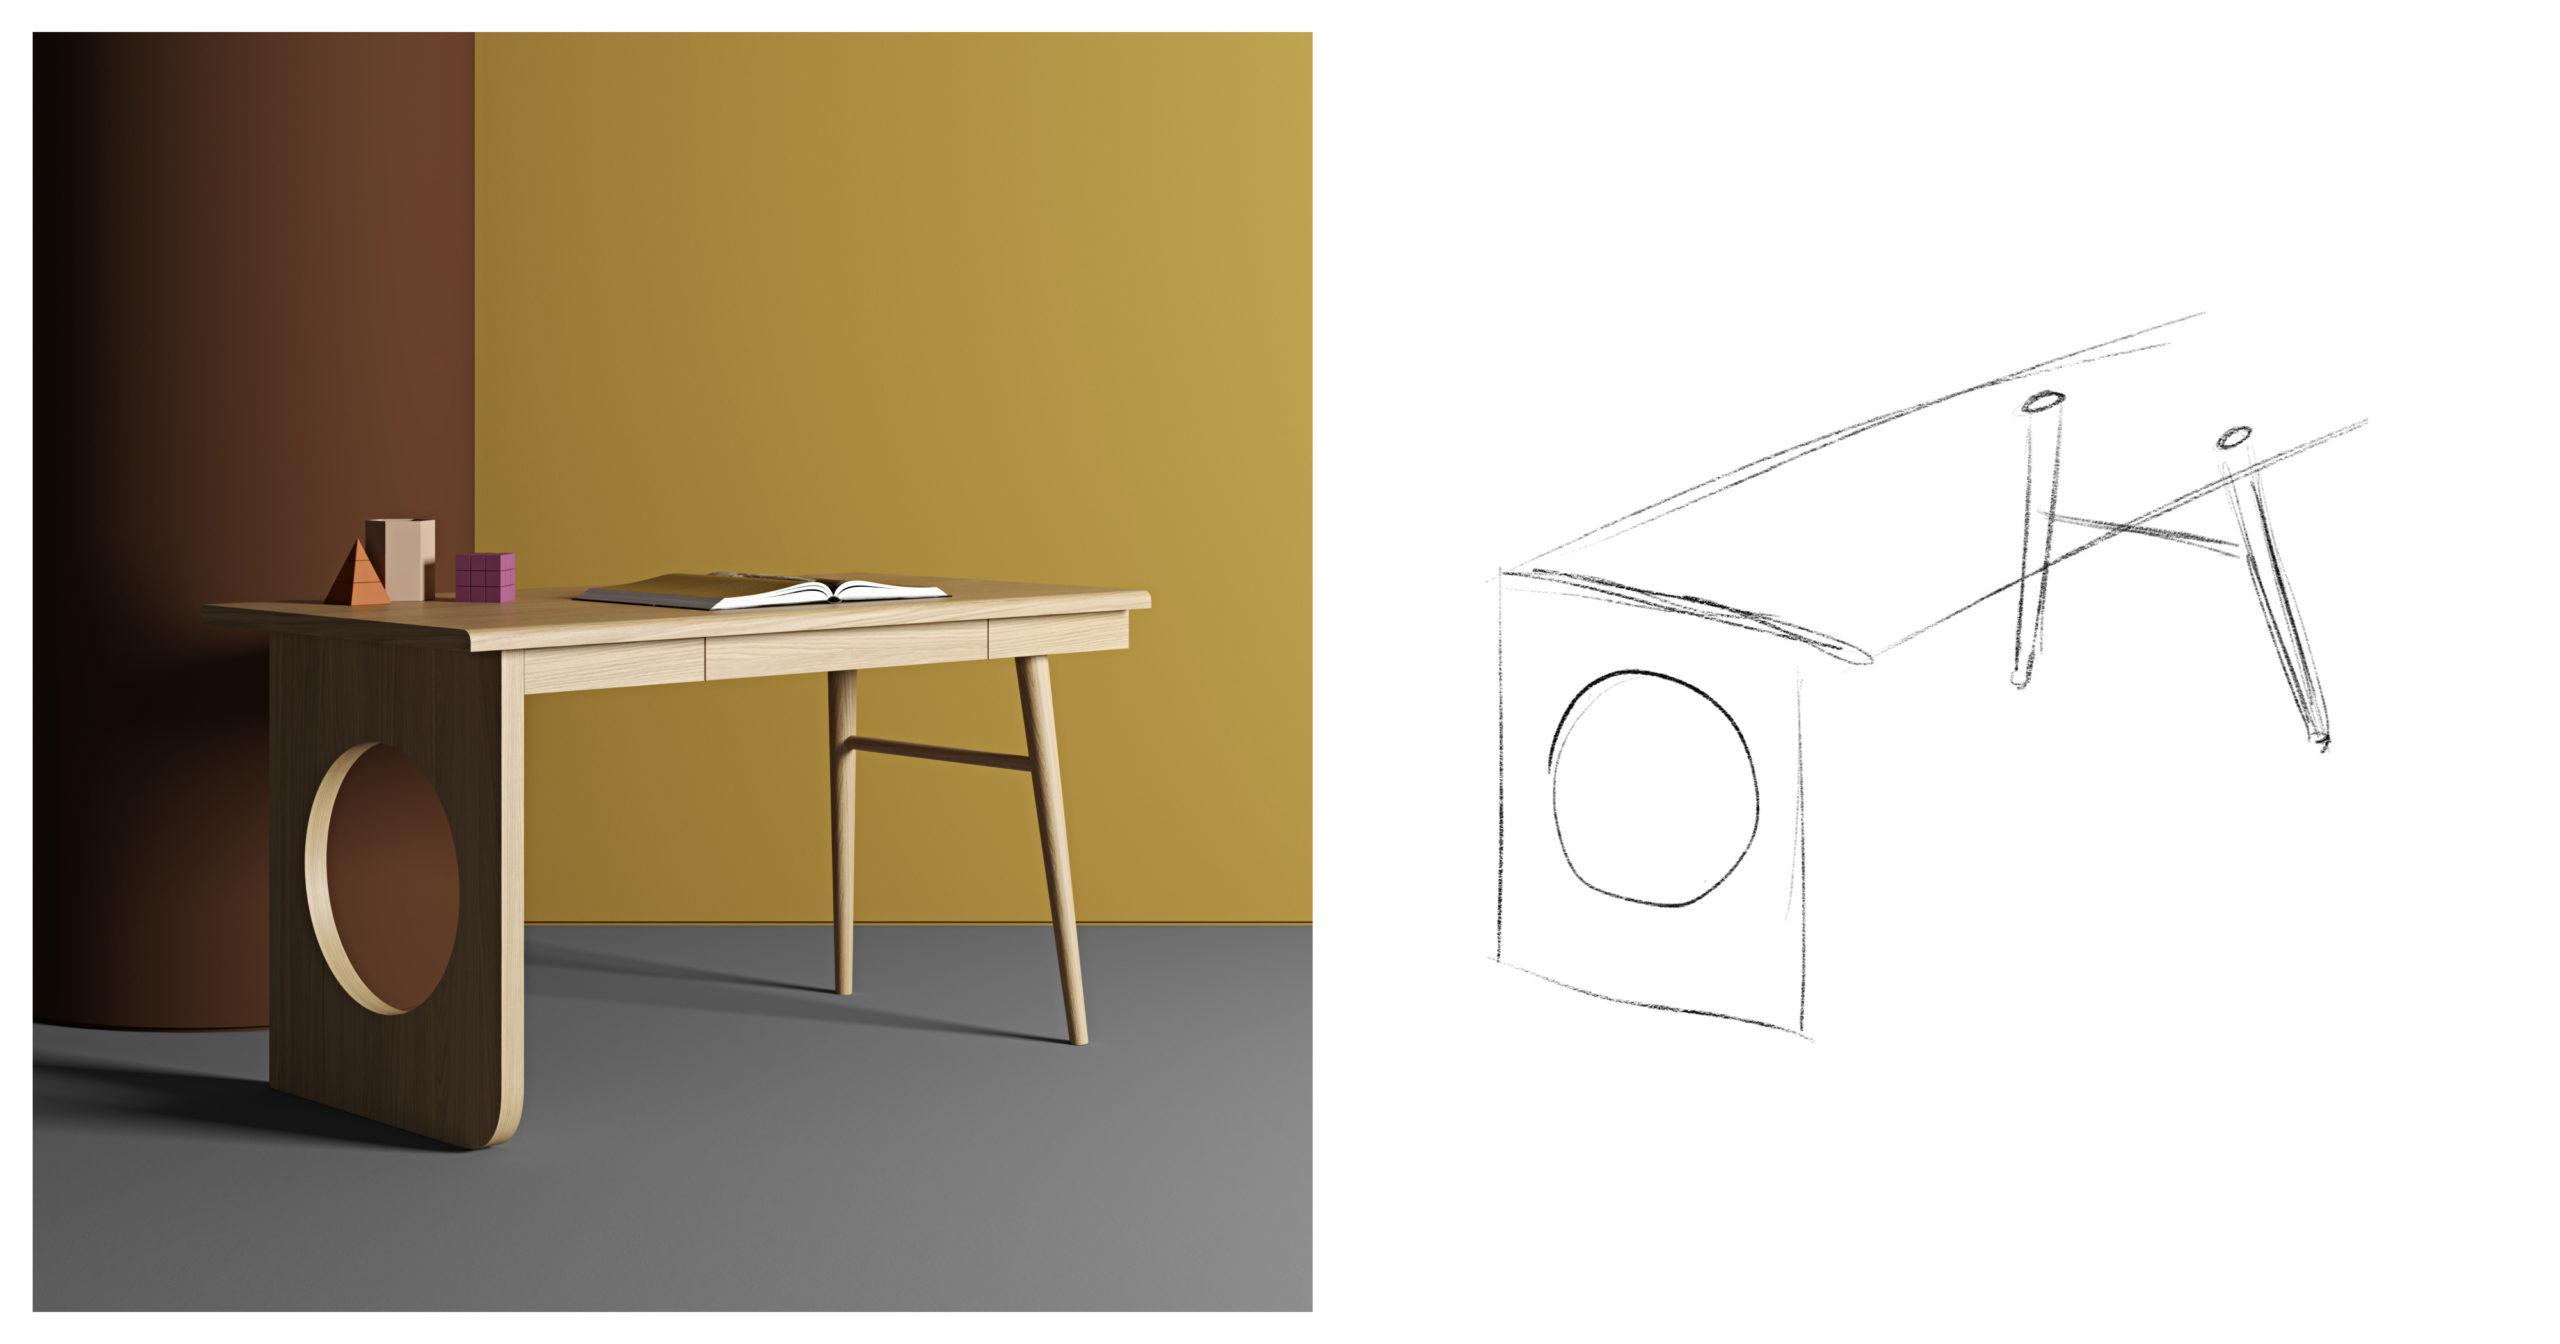 BAU_Desk (2)